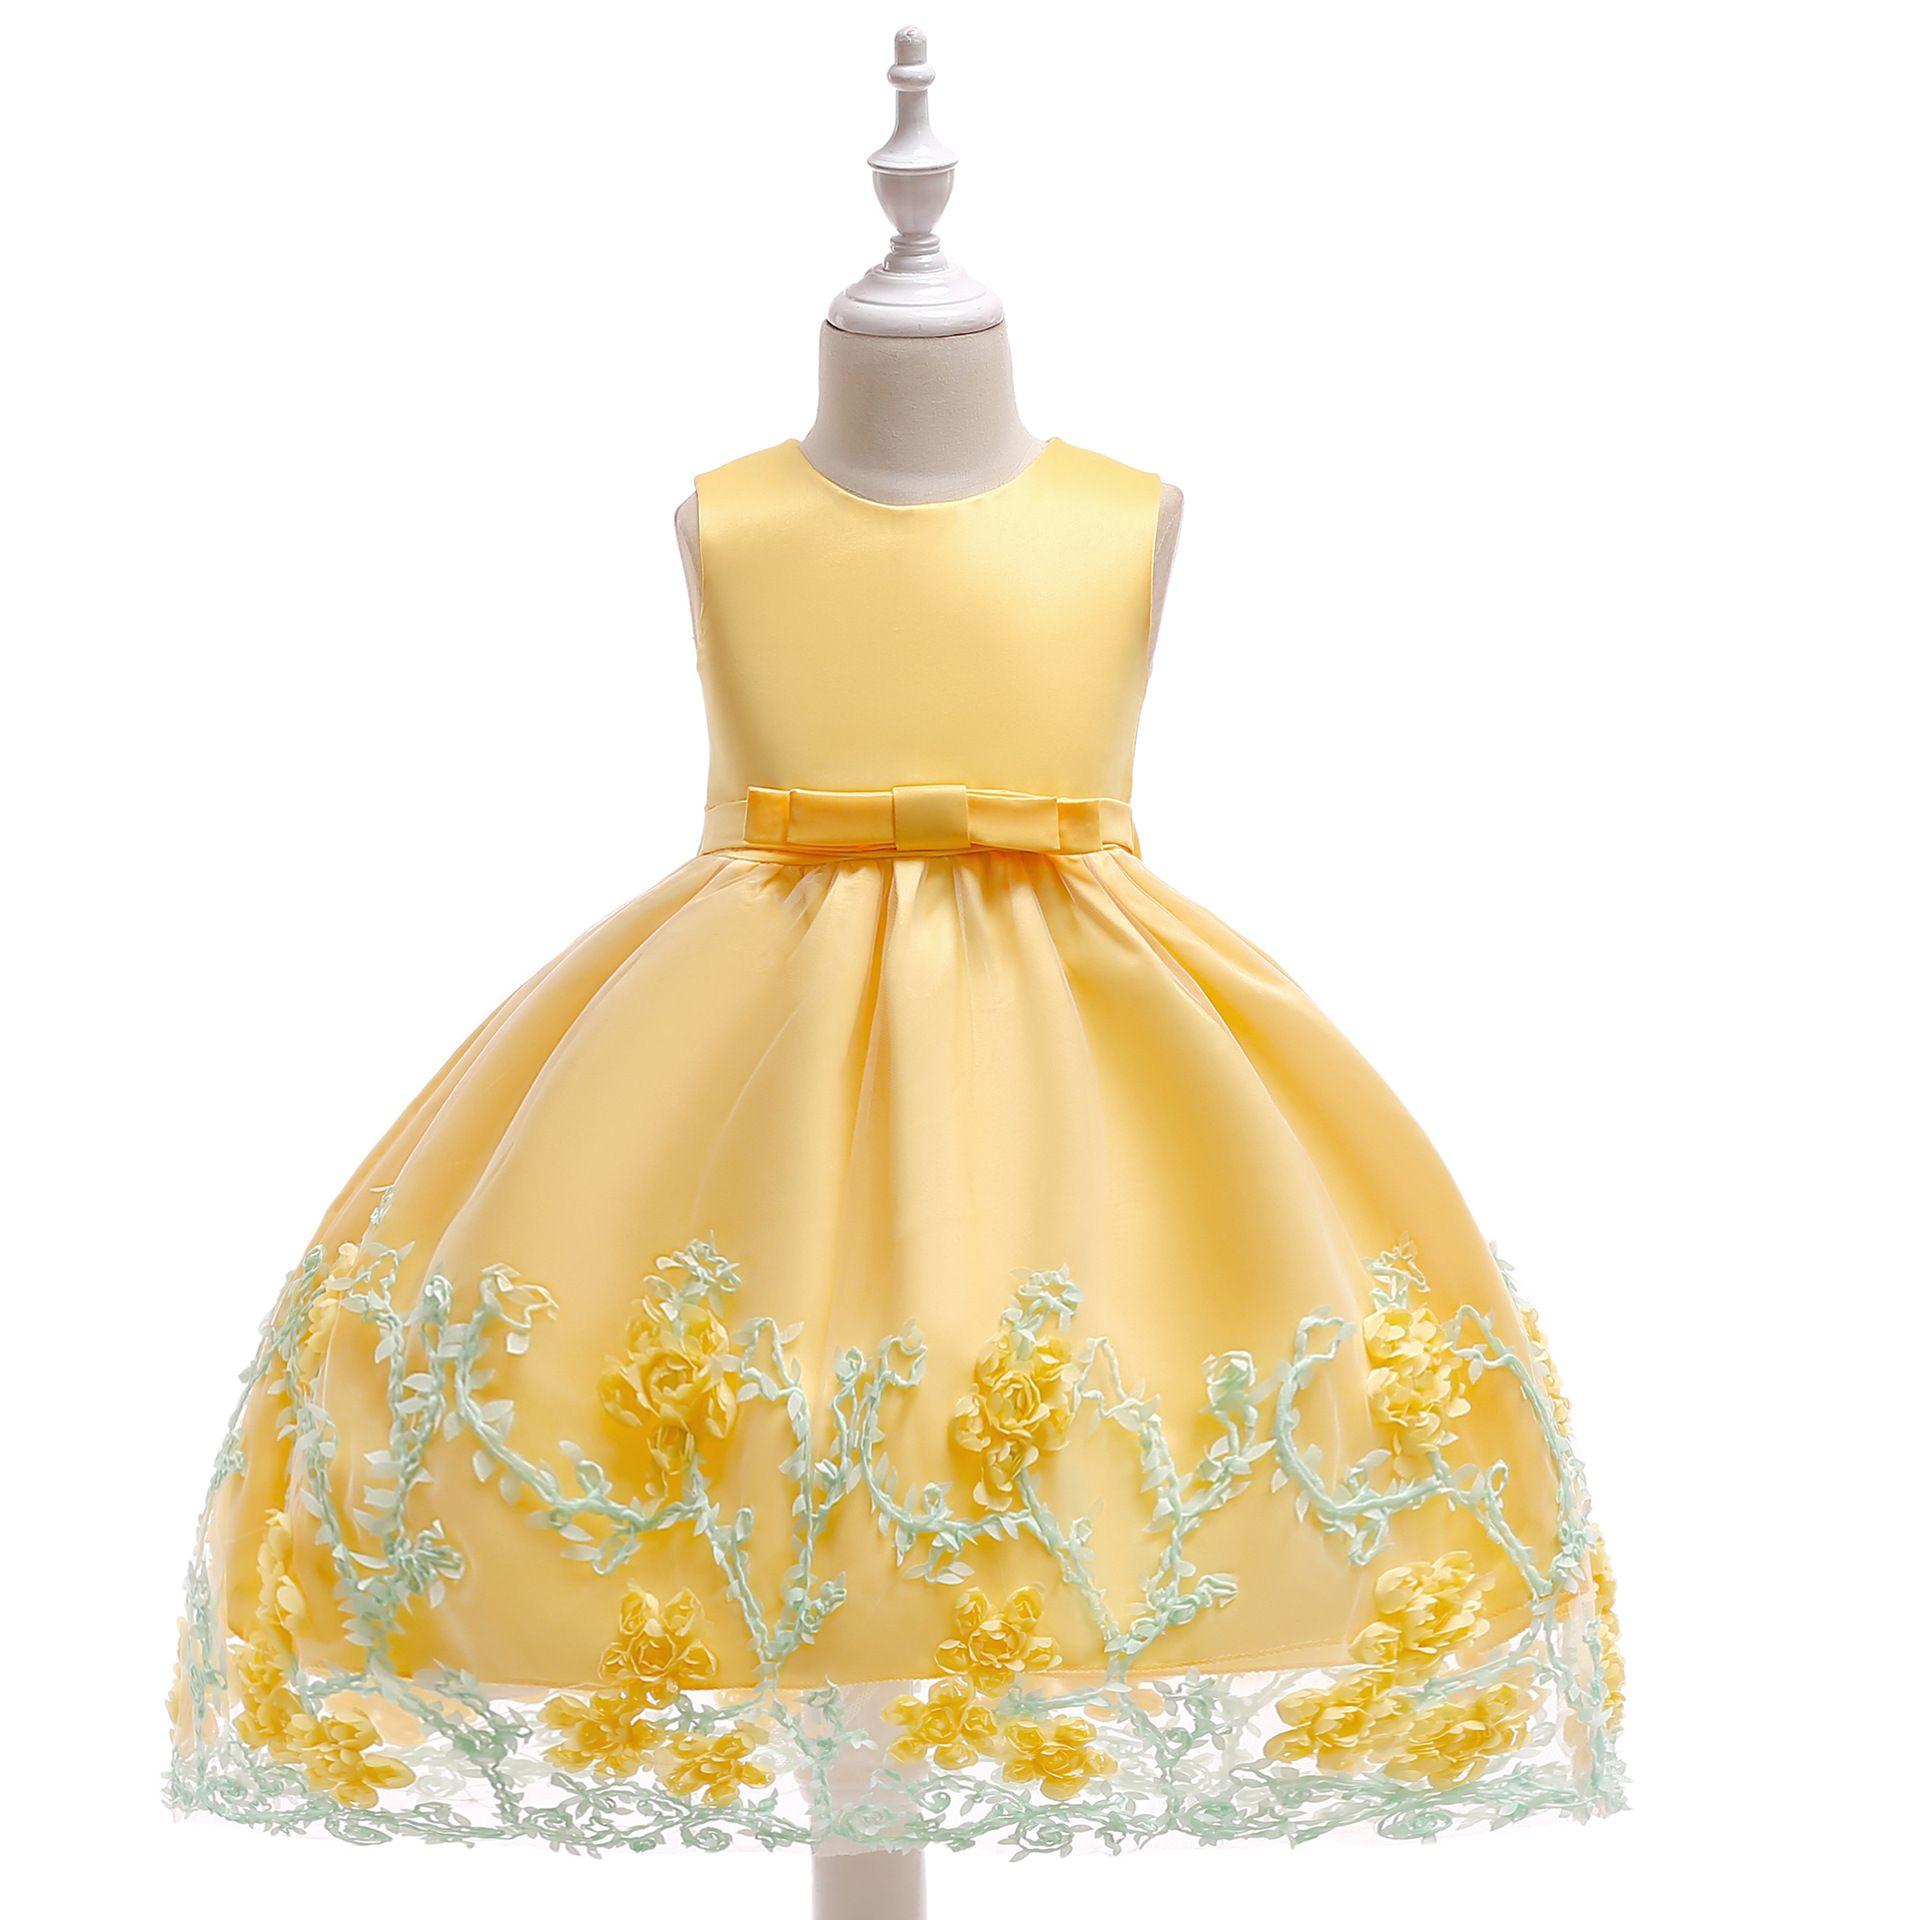 2019 Abito da ragazza di fiore giallo senza maniche gioiello collo con abiti di fiori 3D per una festa di nozze con fiocco a fascia Abito formale per bambina